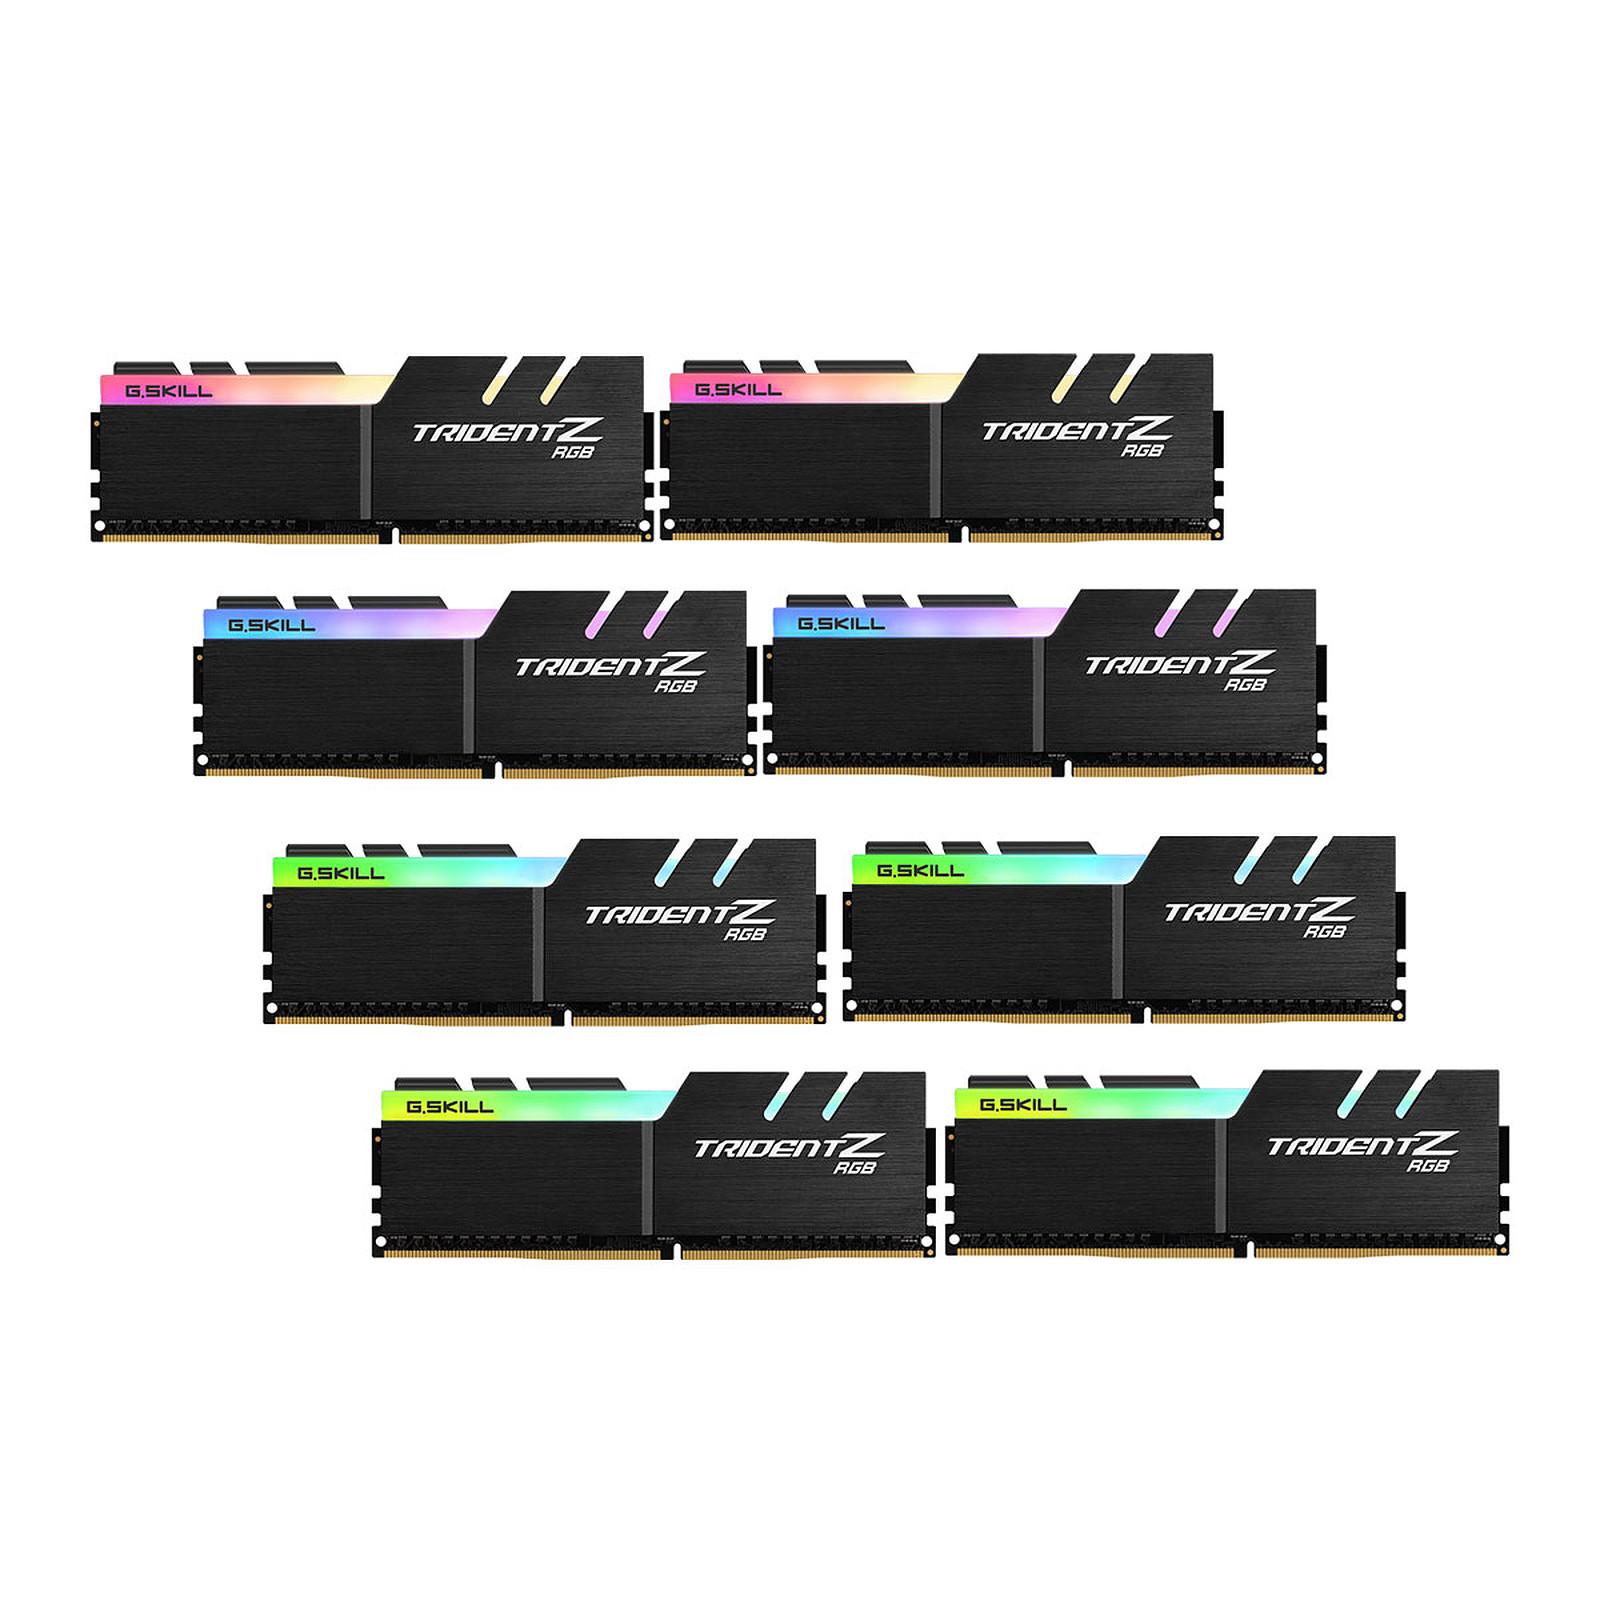 G.Skill Trident Z RGB 128 Go (8x 16 Go) DDR4 3200 MHz CL14